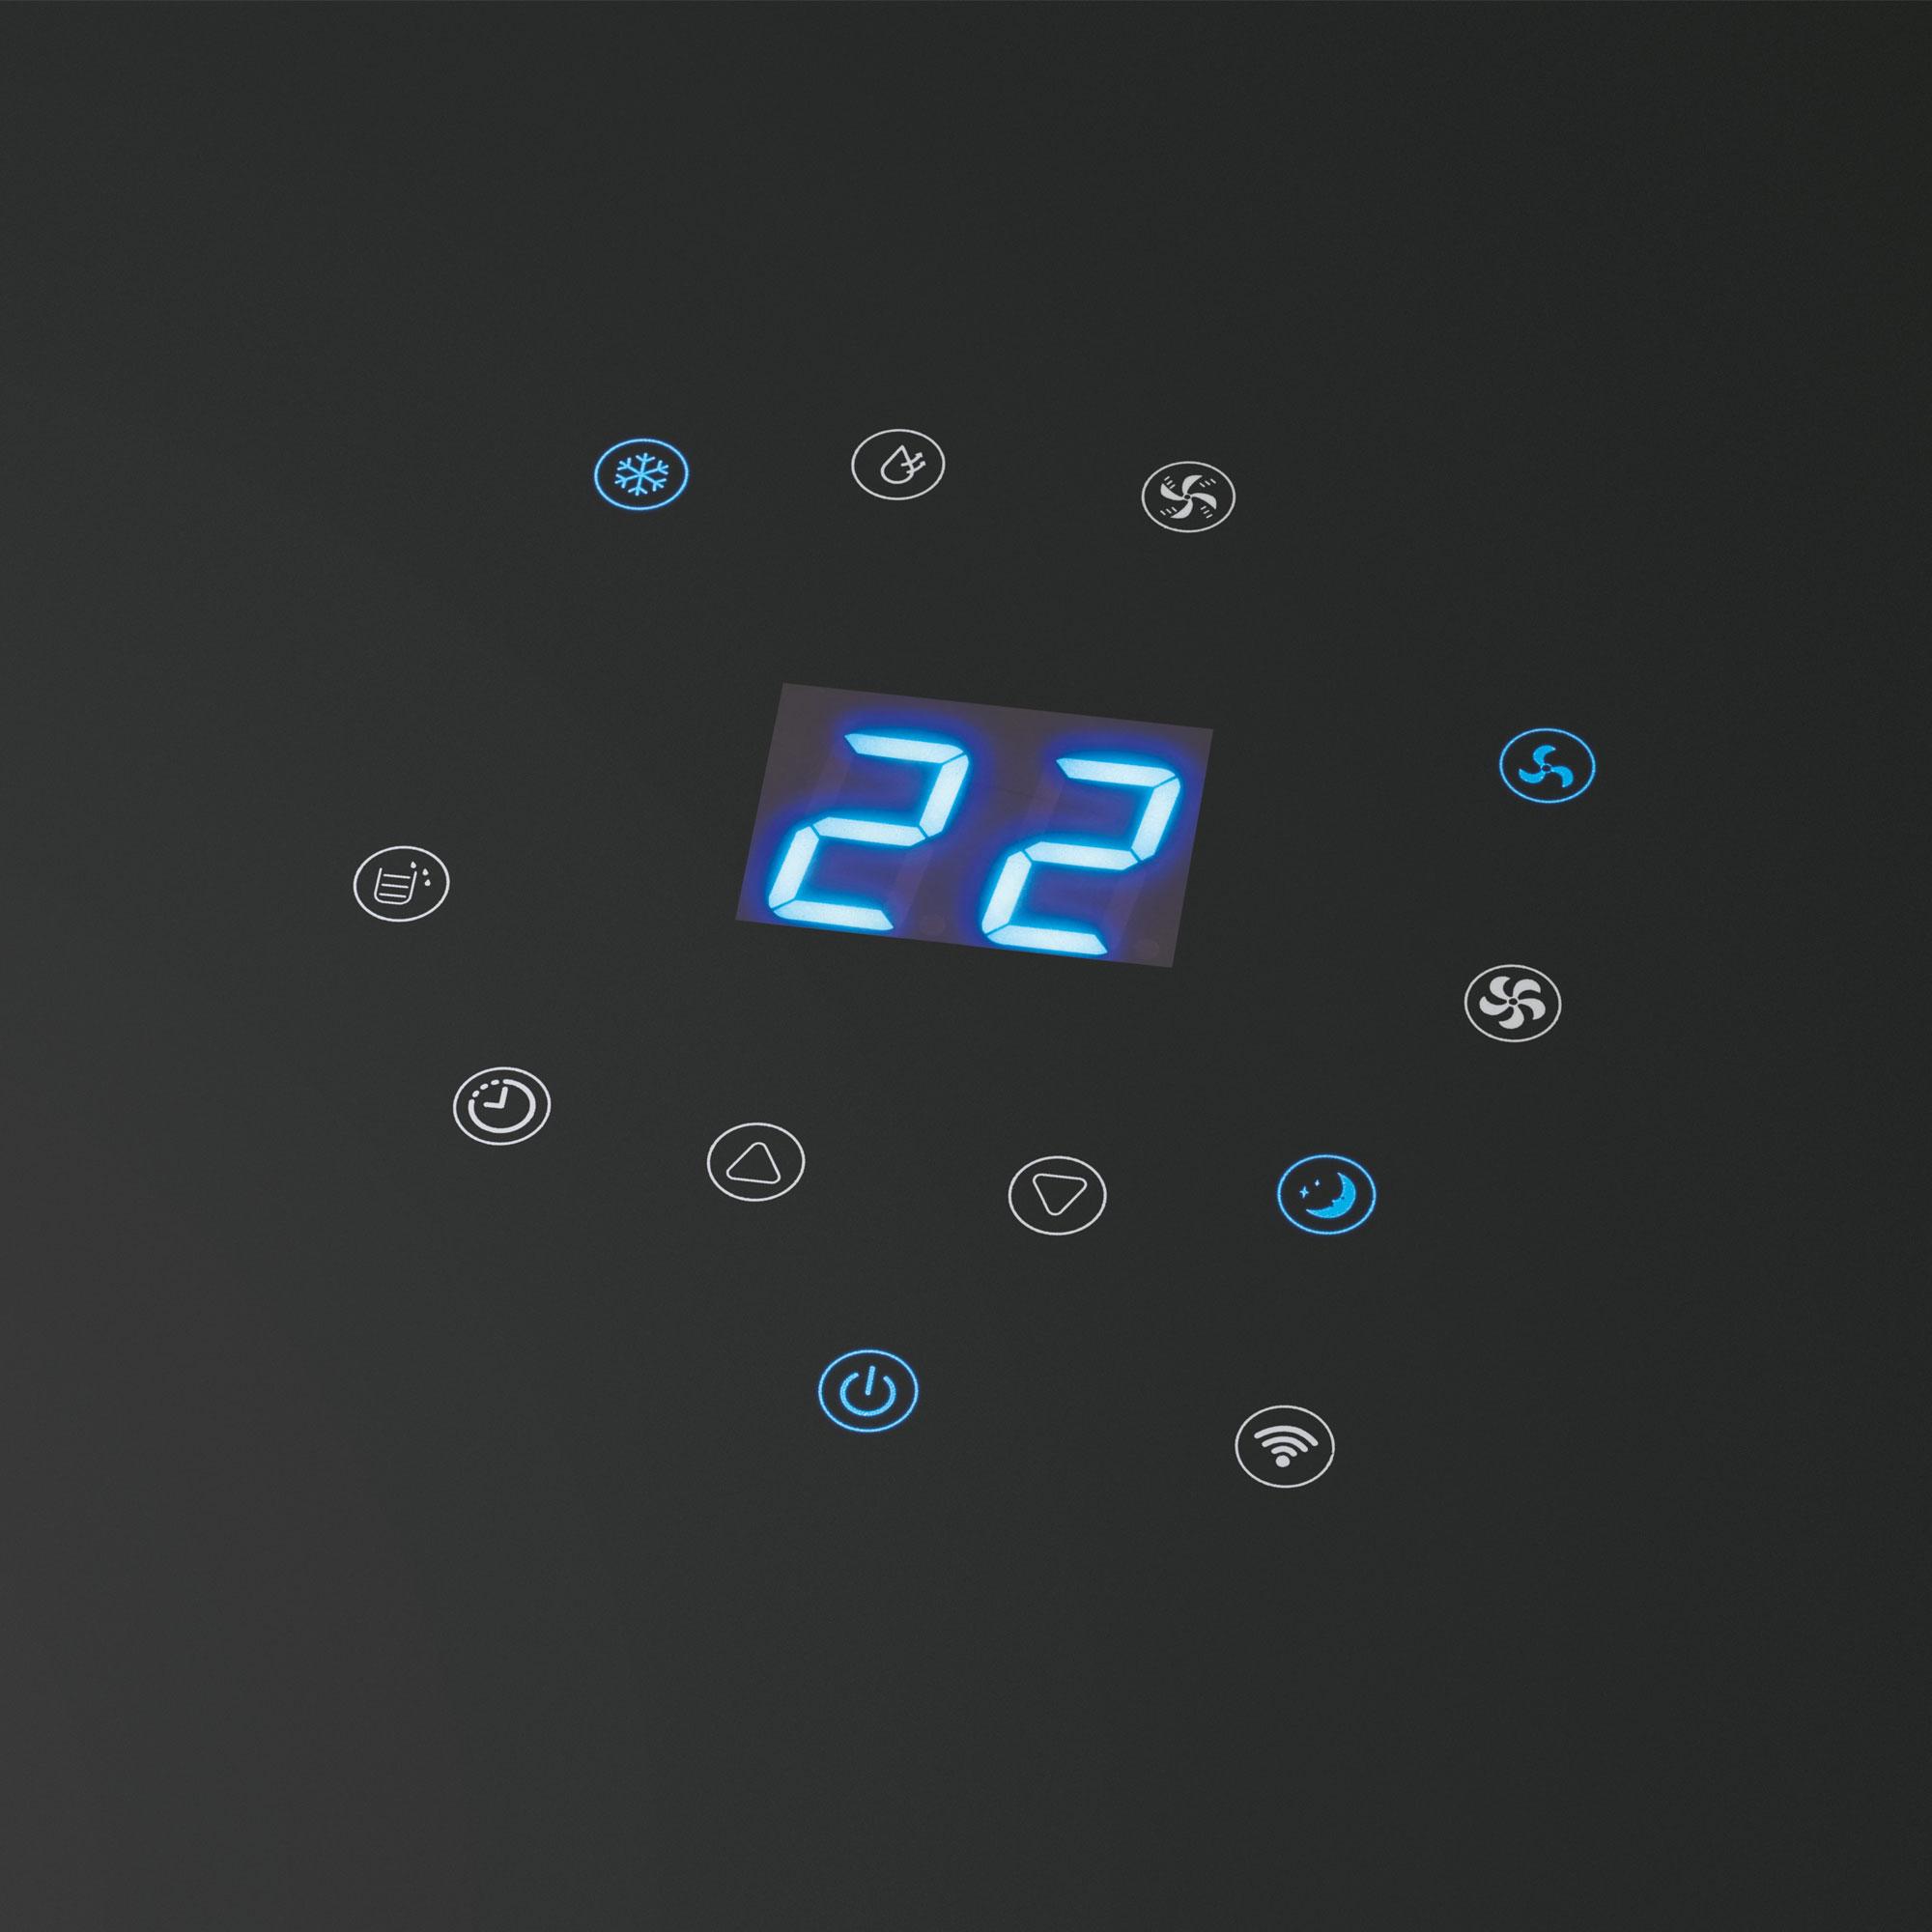 Clatronic-CL-3716-klimatizace-ovladaci-panel